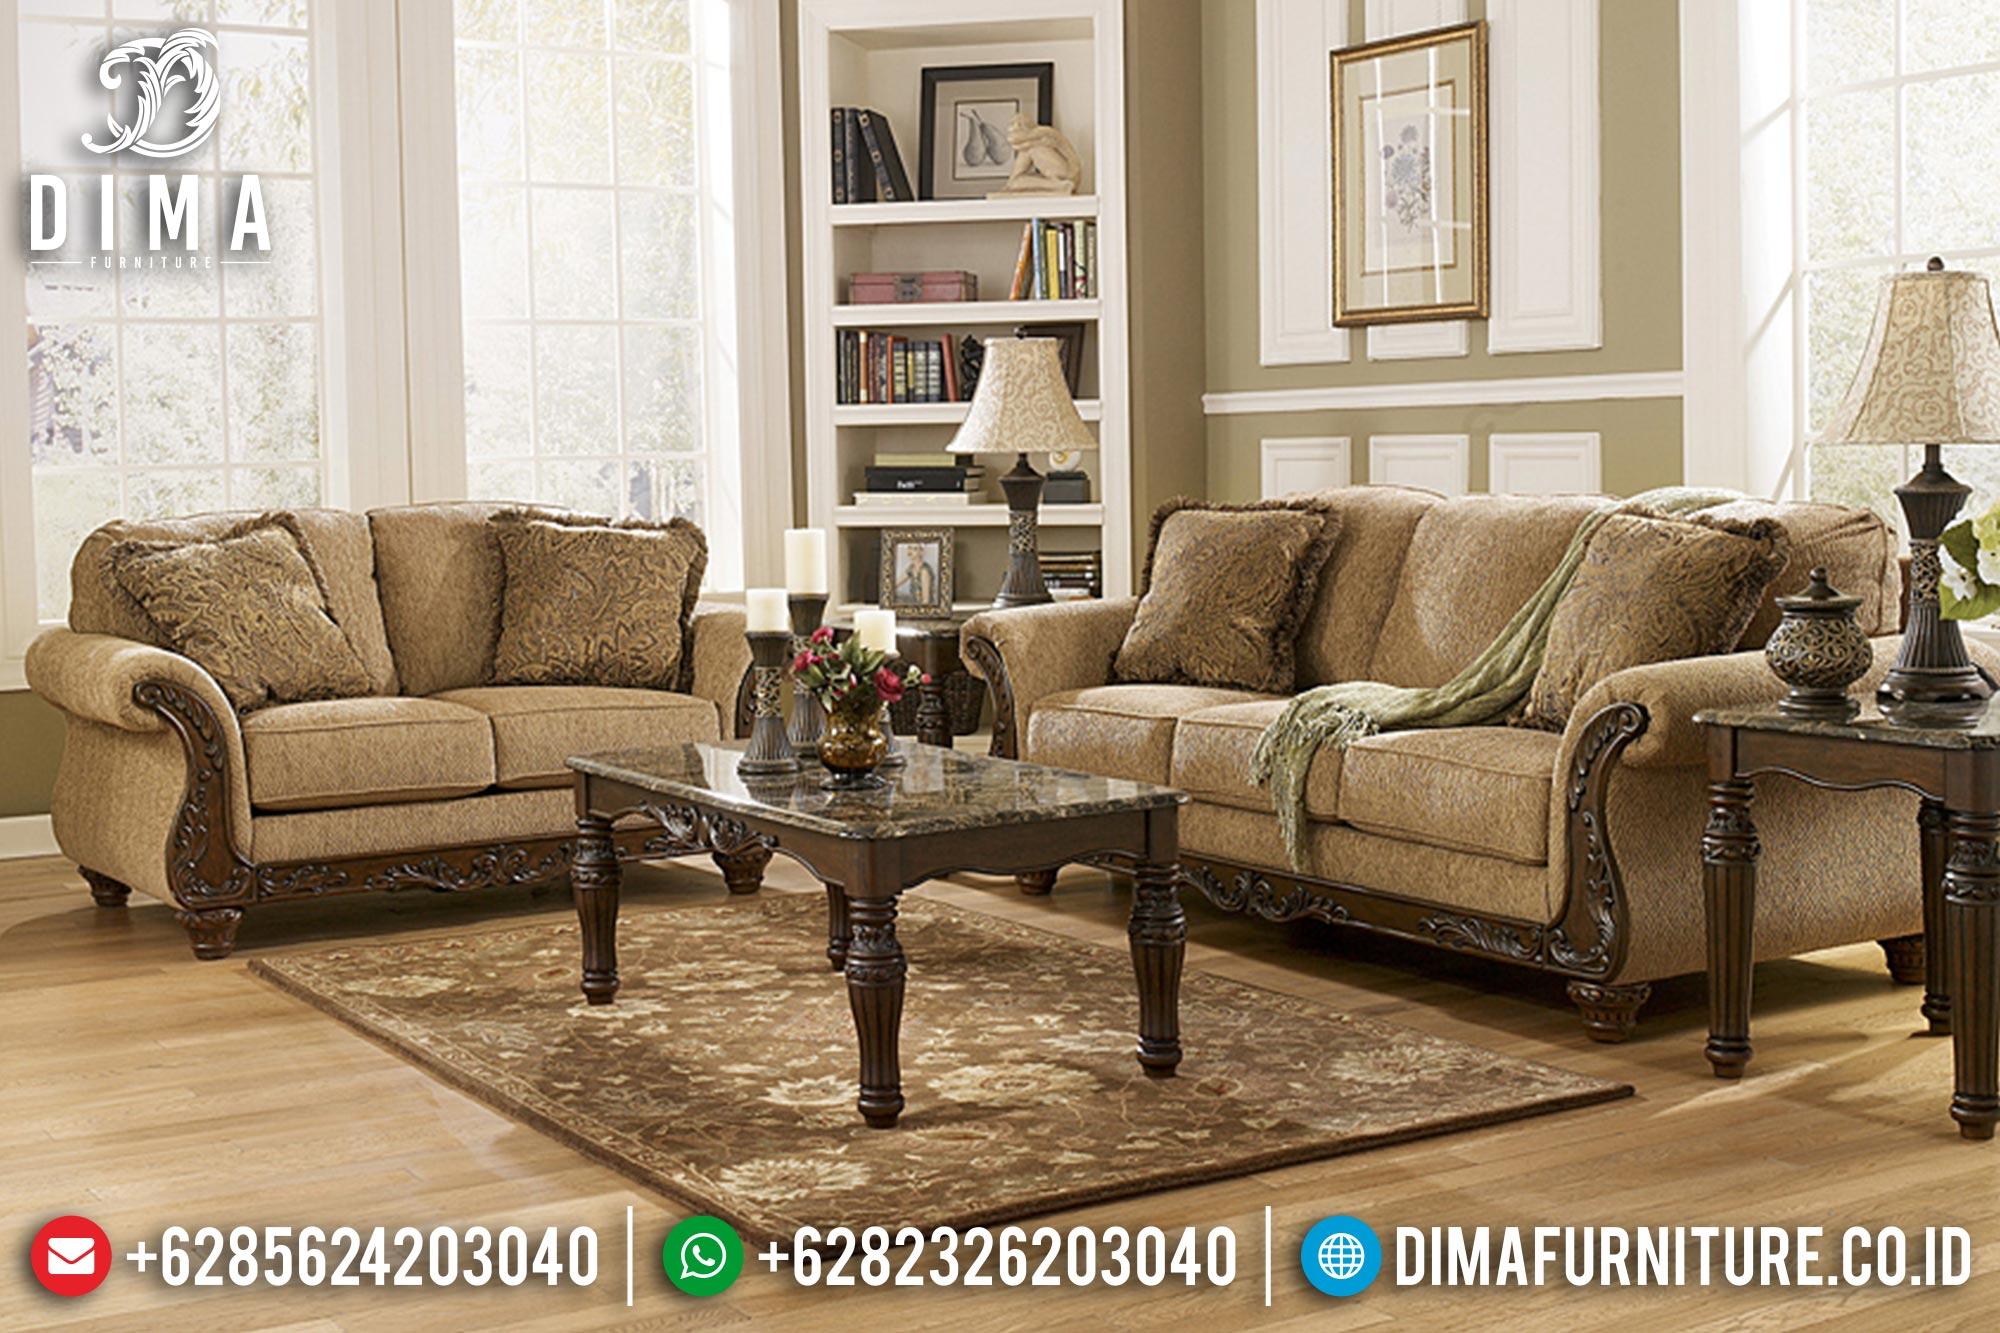 Sofa Tamu Jepara Mewah Minimalis Terbaru 14 Dima Furniture Jepara